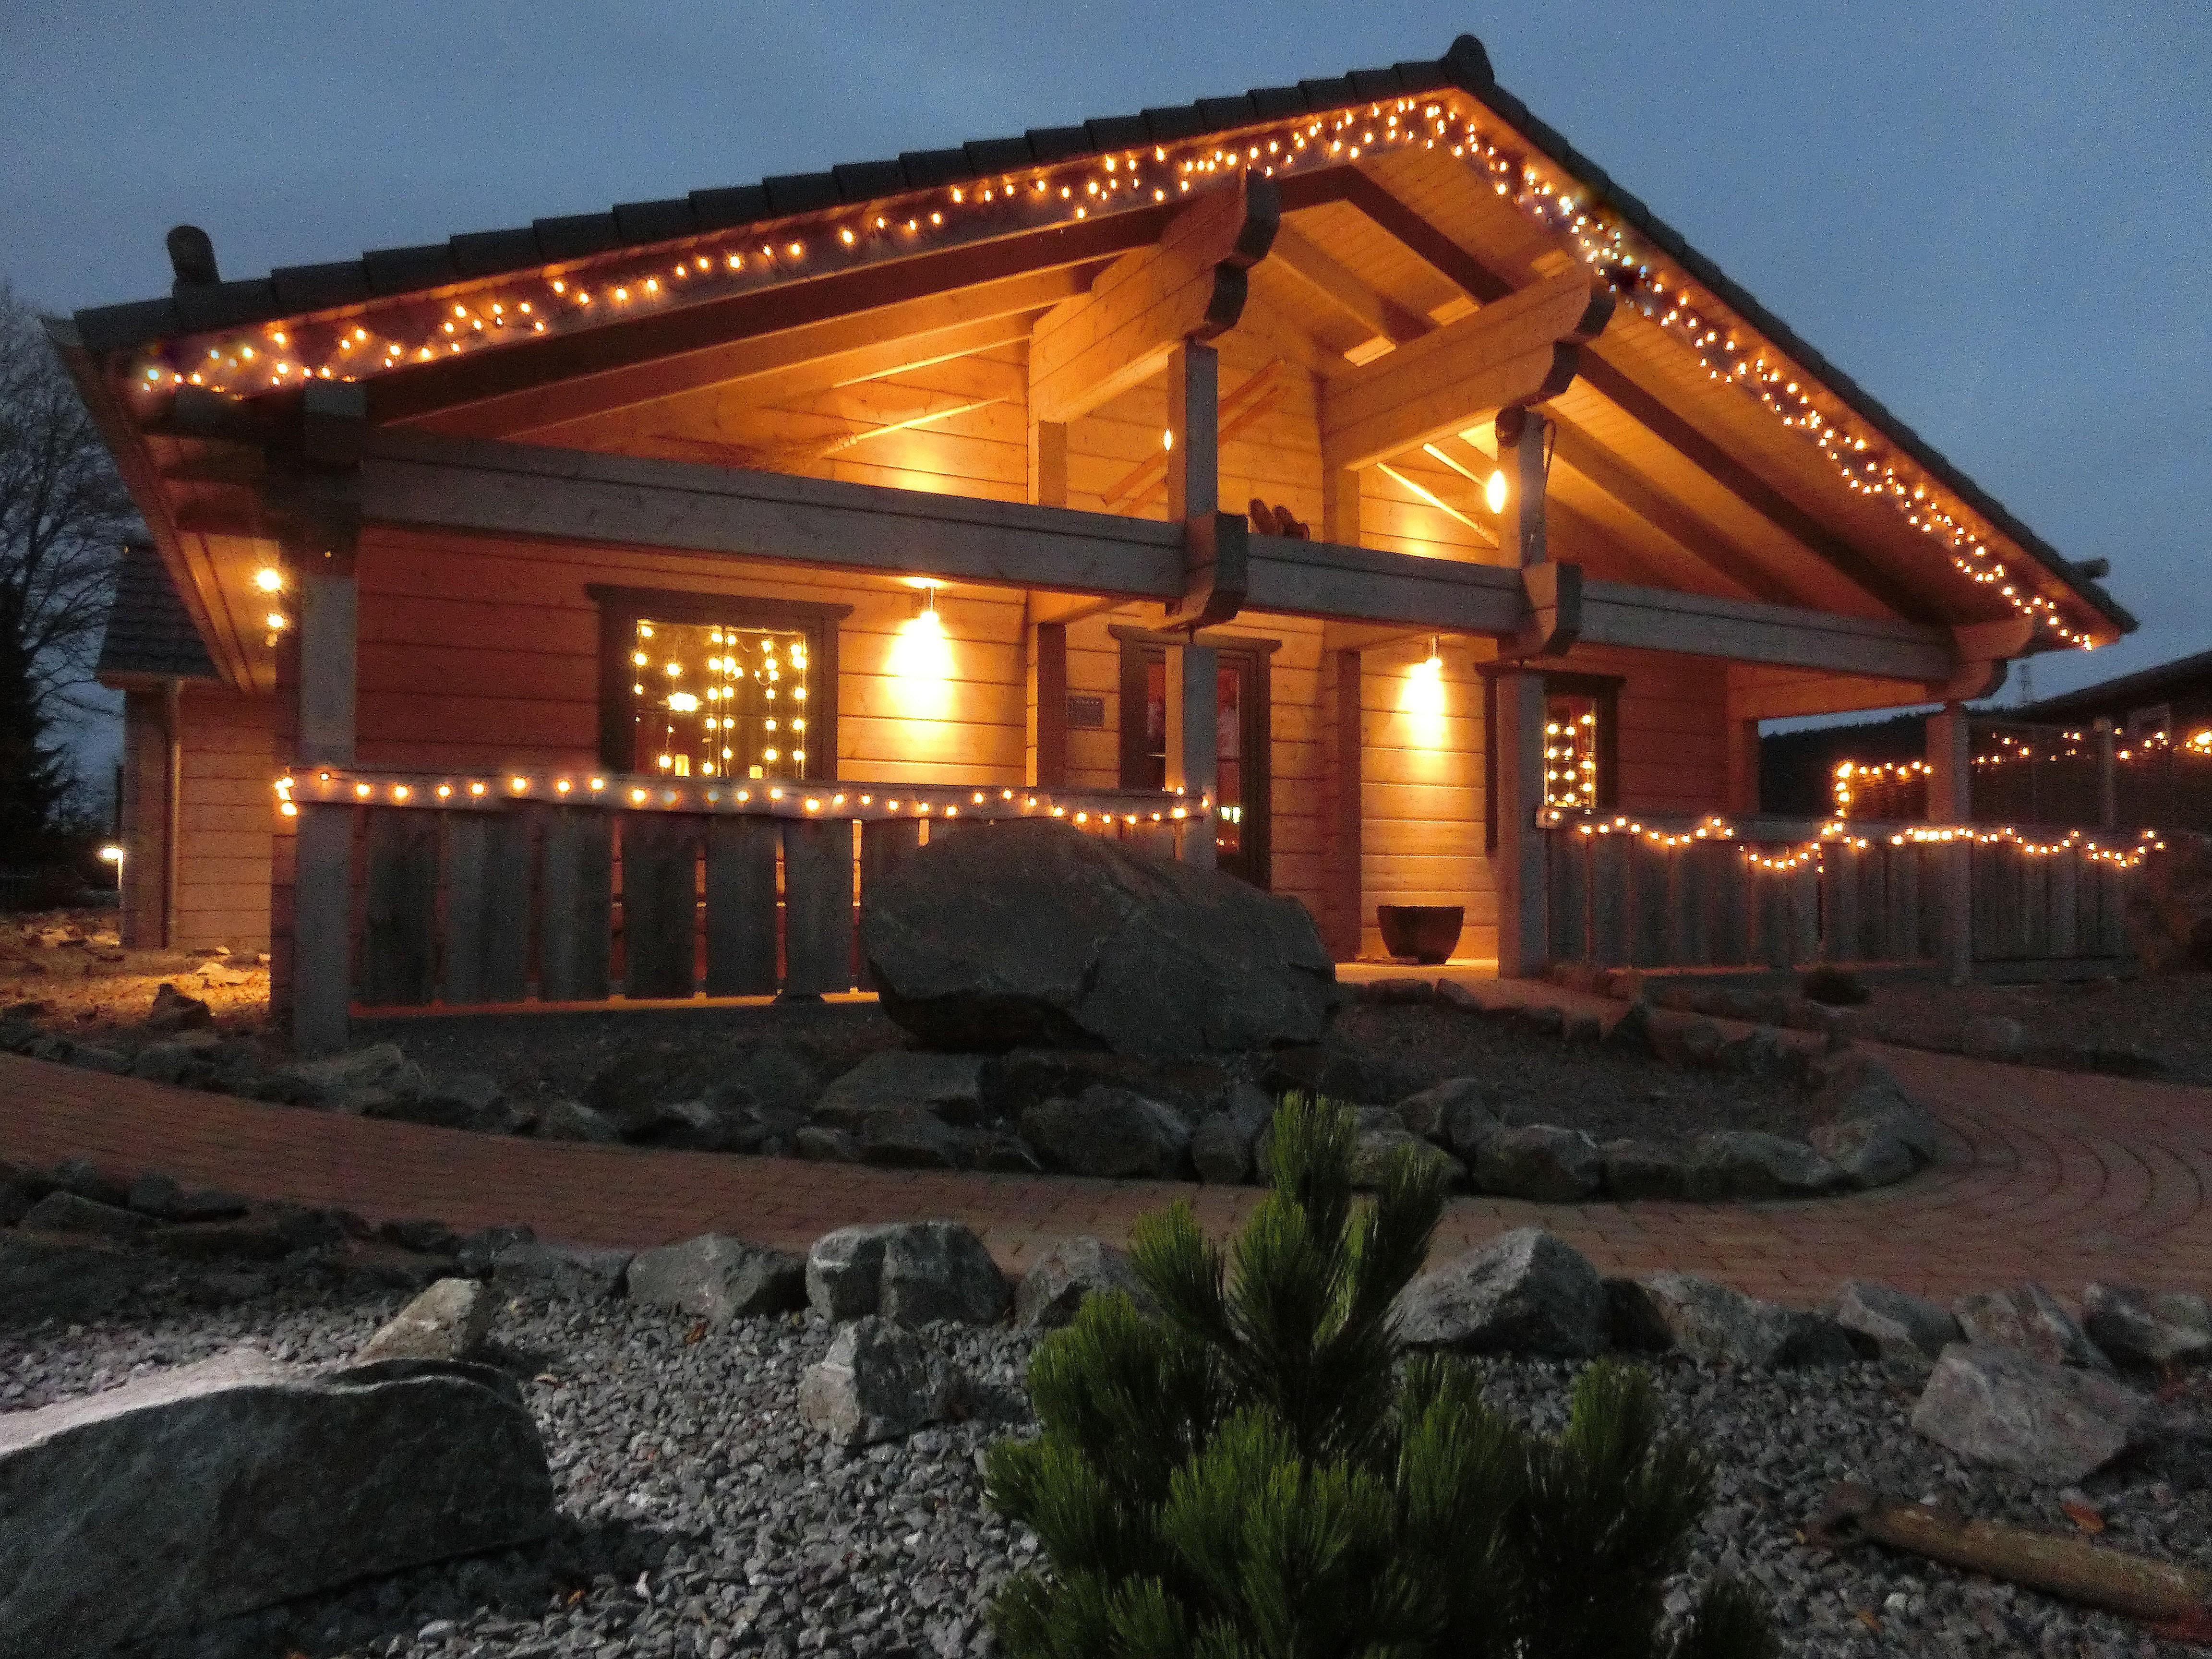 5 Sterne Blockhäuser in Hahnenklee - Außenansicht bei Nacht